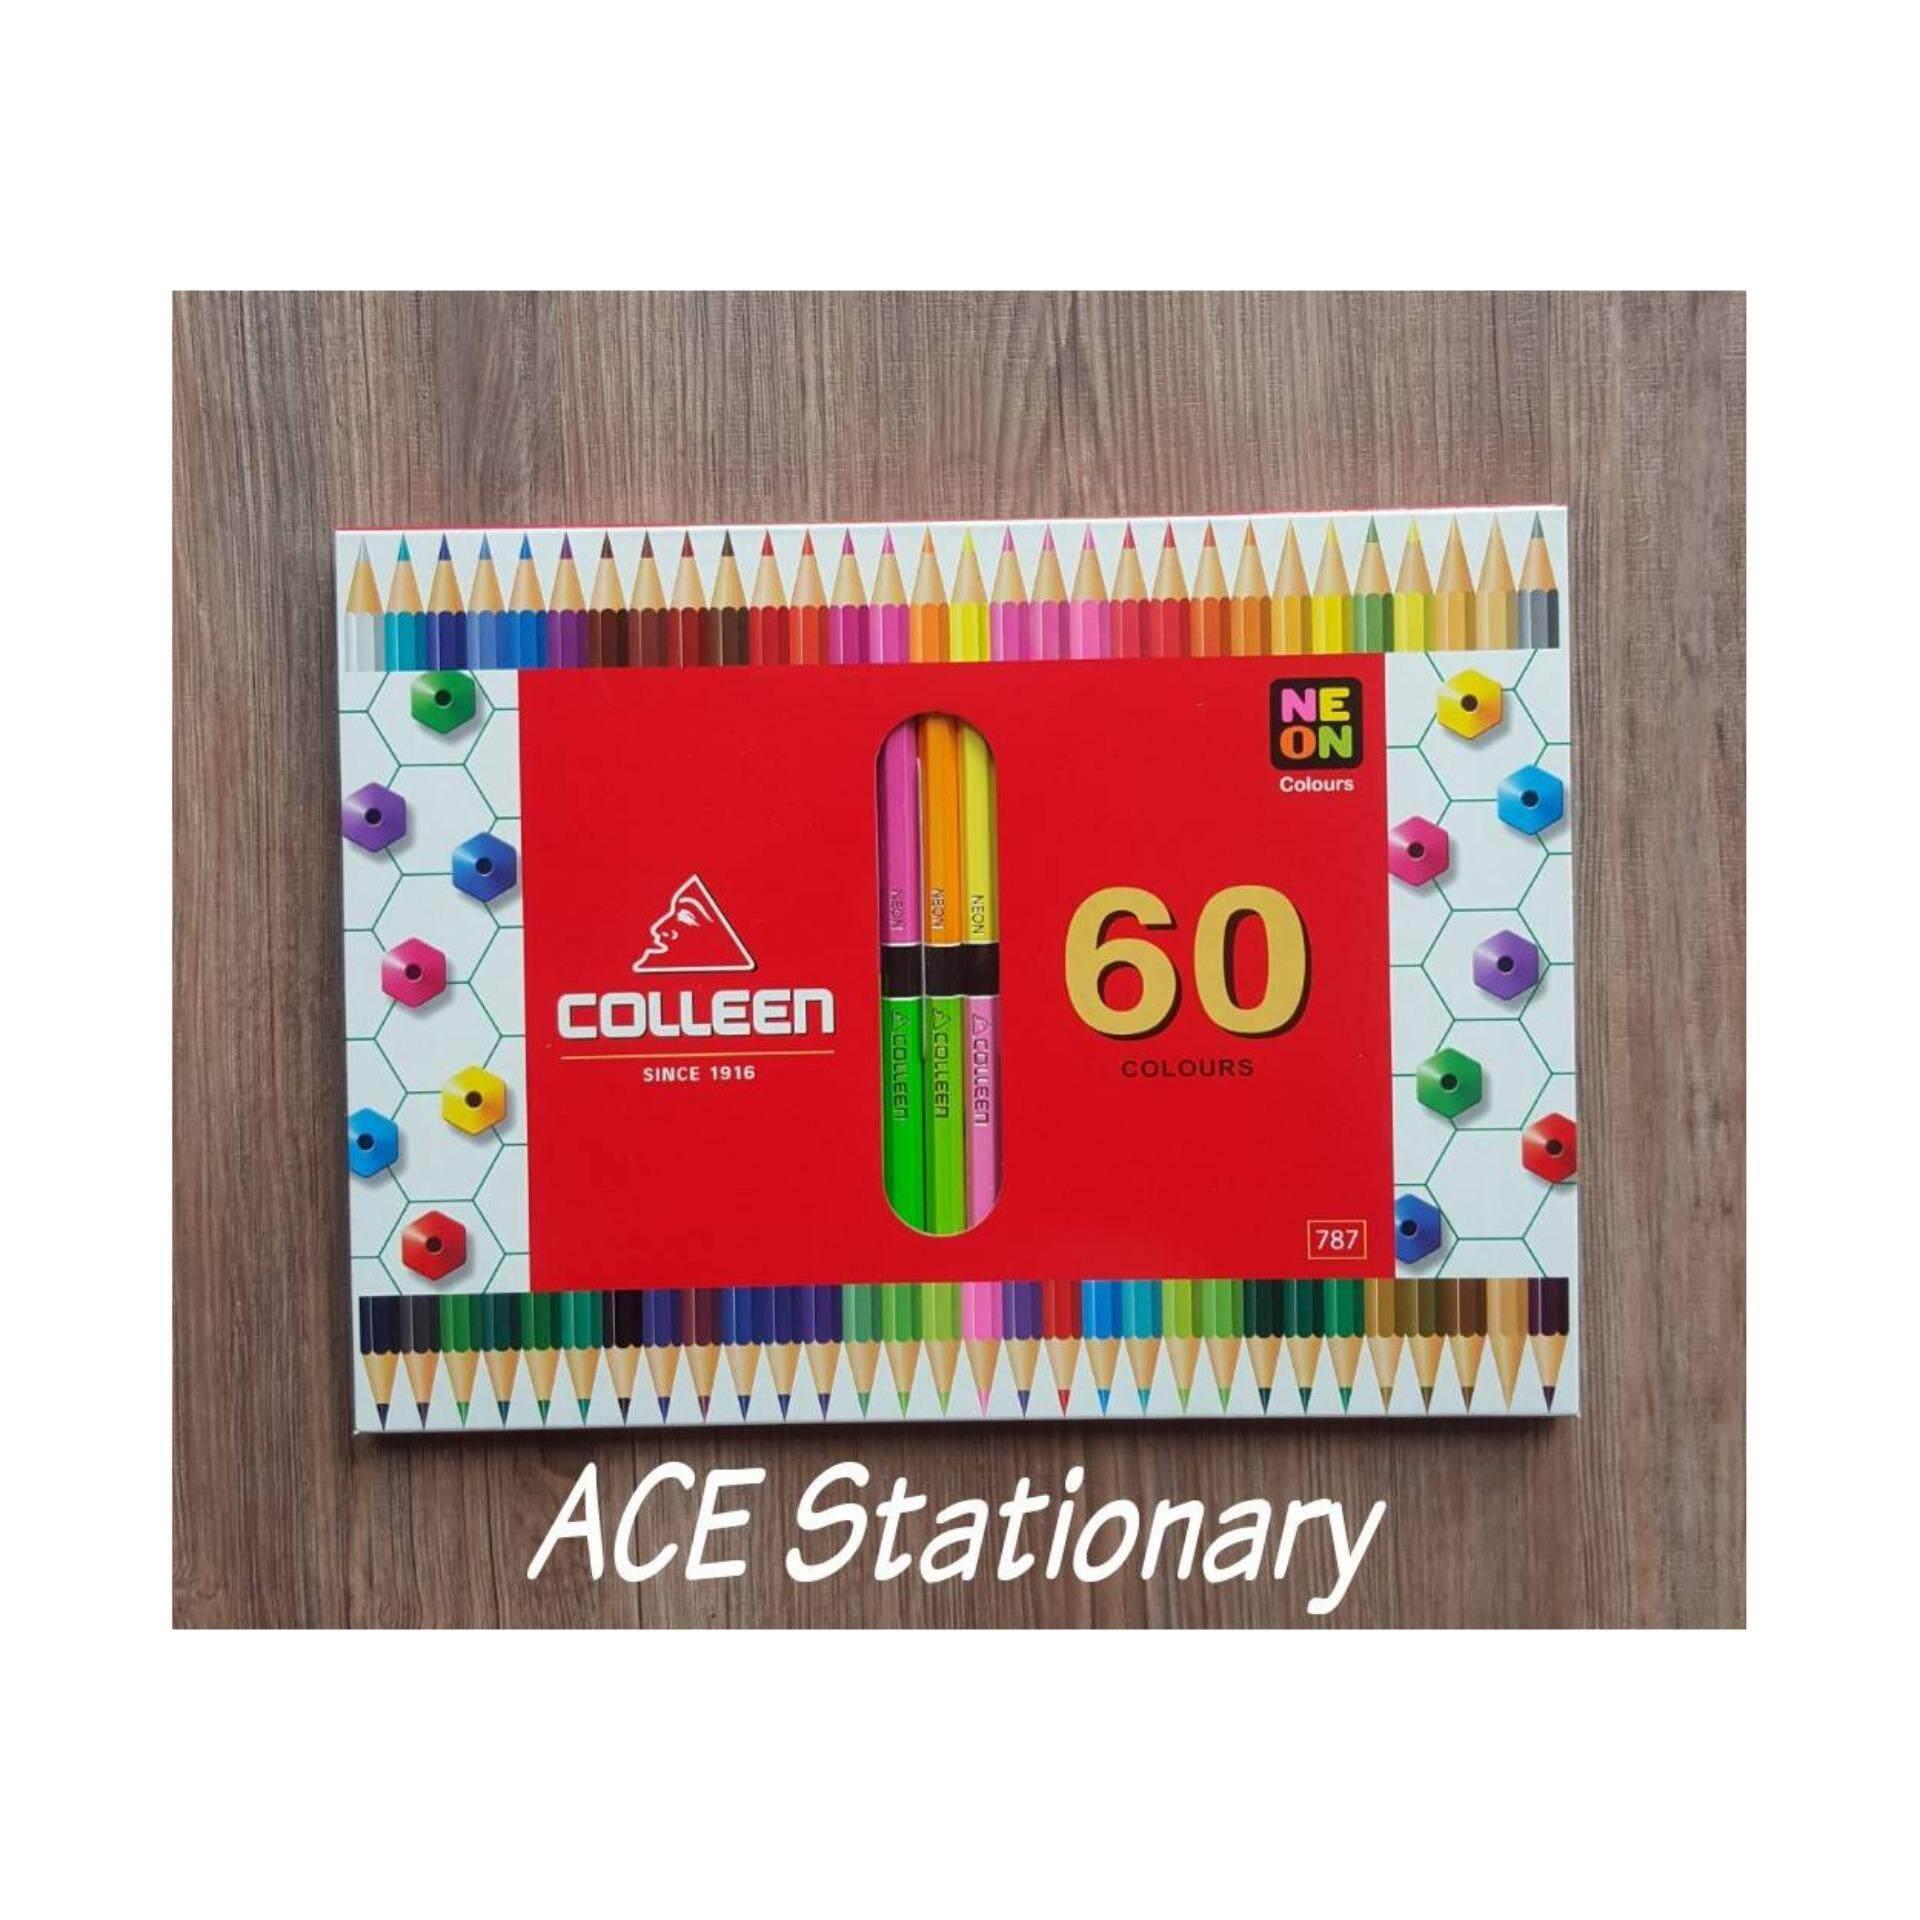 Colleen ดินสอสีไม้ คลอลีน 2 หัว 30แท่ง 60 สี รุ่น787 (สีสะท้อนแสง+สีธรรมมดา).